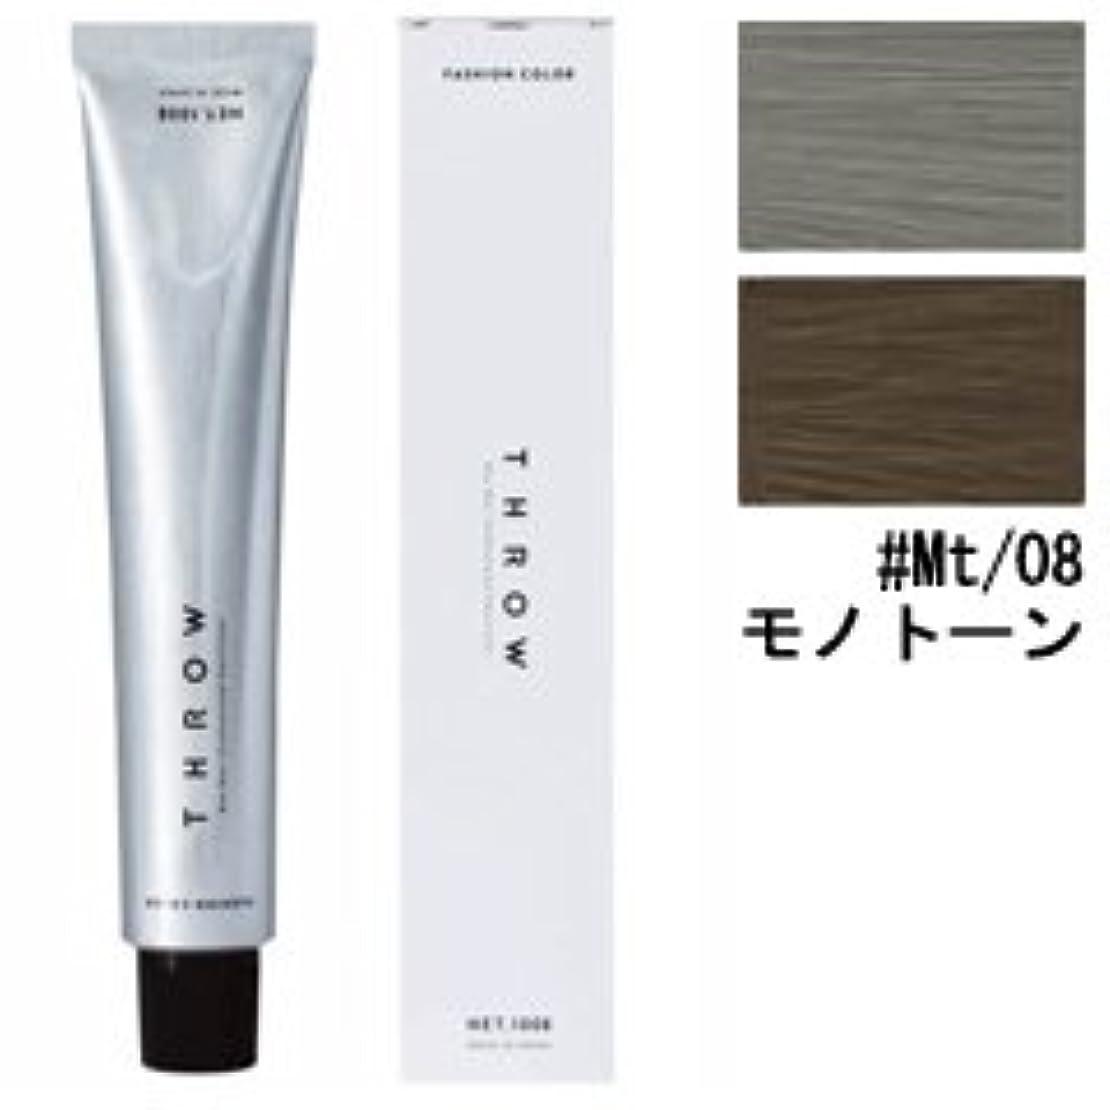 コードレス凶暴な変更可能【モルトベーネ】スロウ ファッションカラー #Mt/08 モノトーン 100g